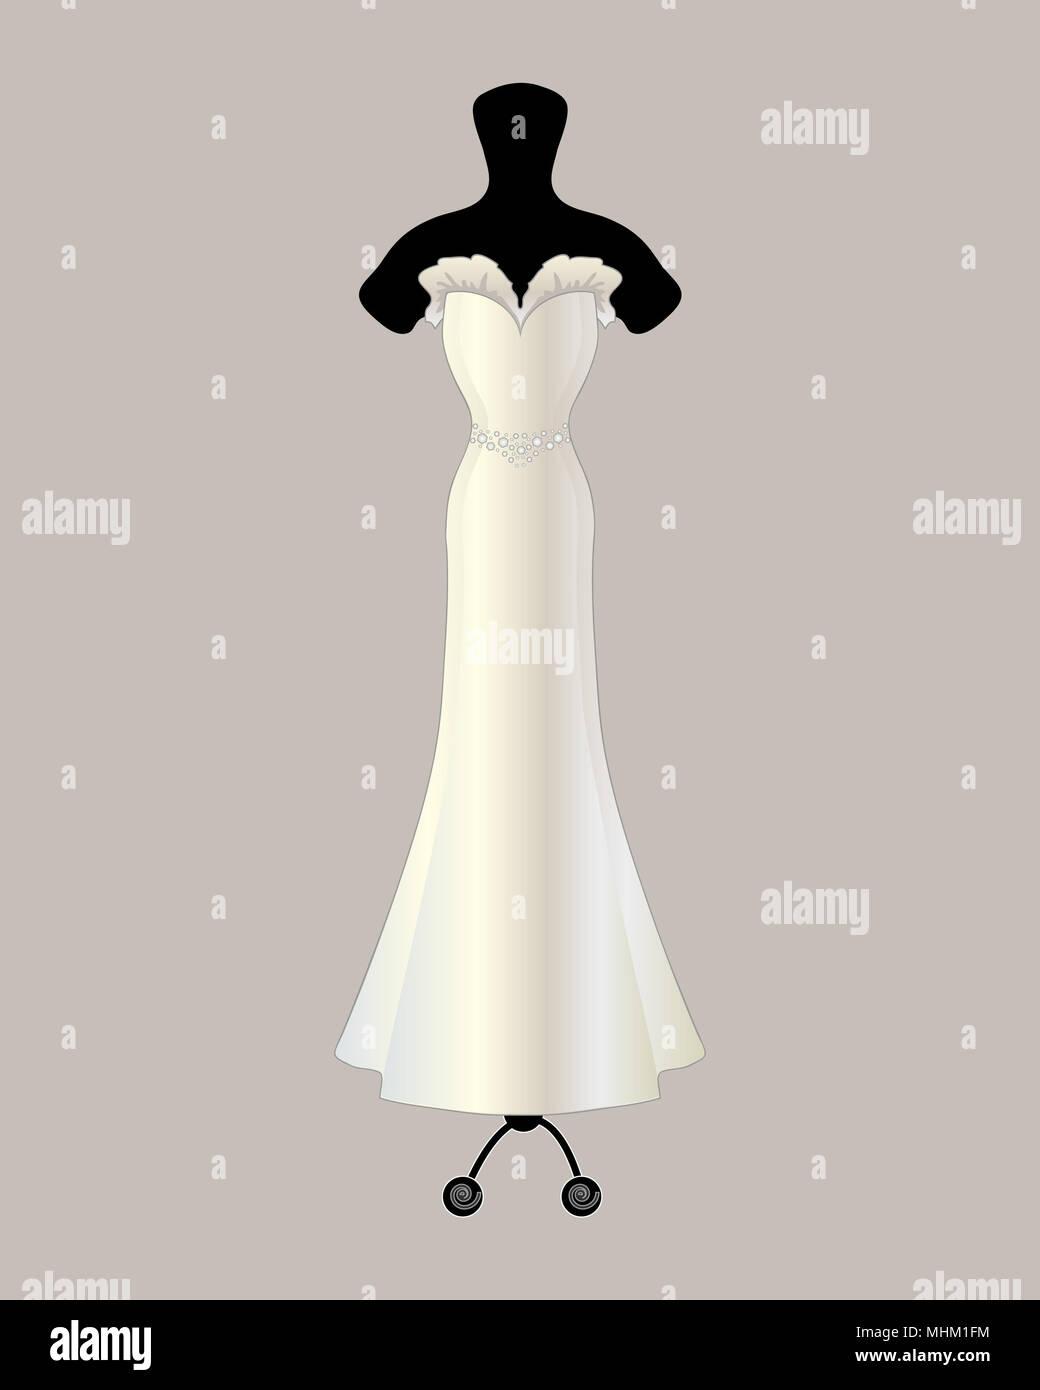 Una illustrazione di un bellissimo designer satin abito da sposa in una tromba di stile con volant e dettaglio jeweled cinghia su uno sfondo grigio Immagini Stock